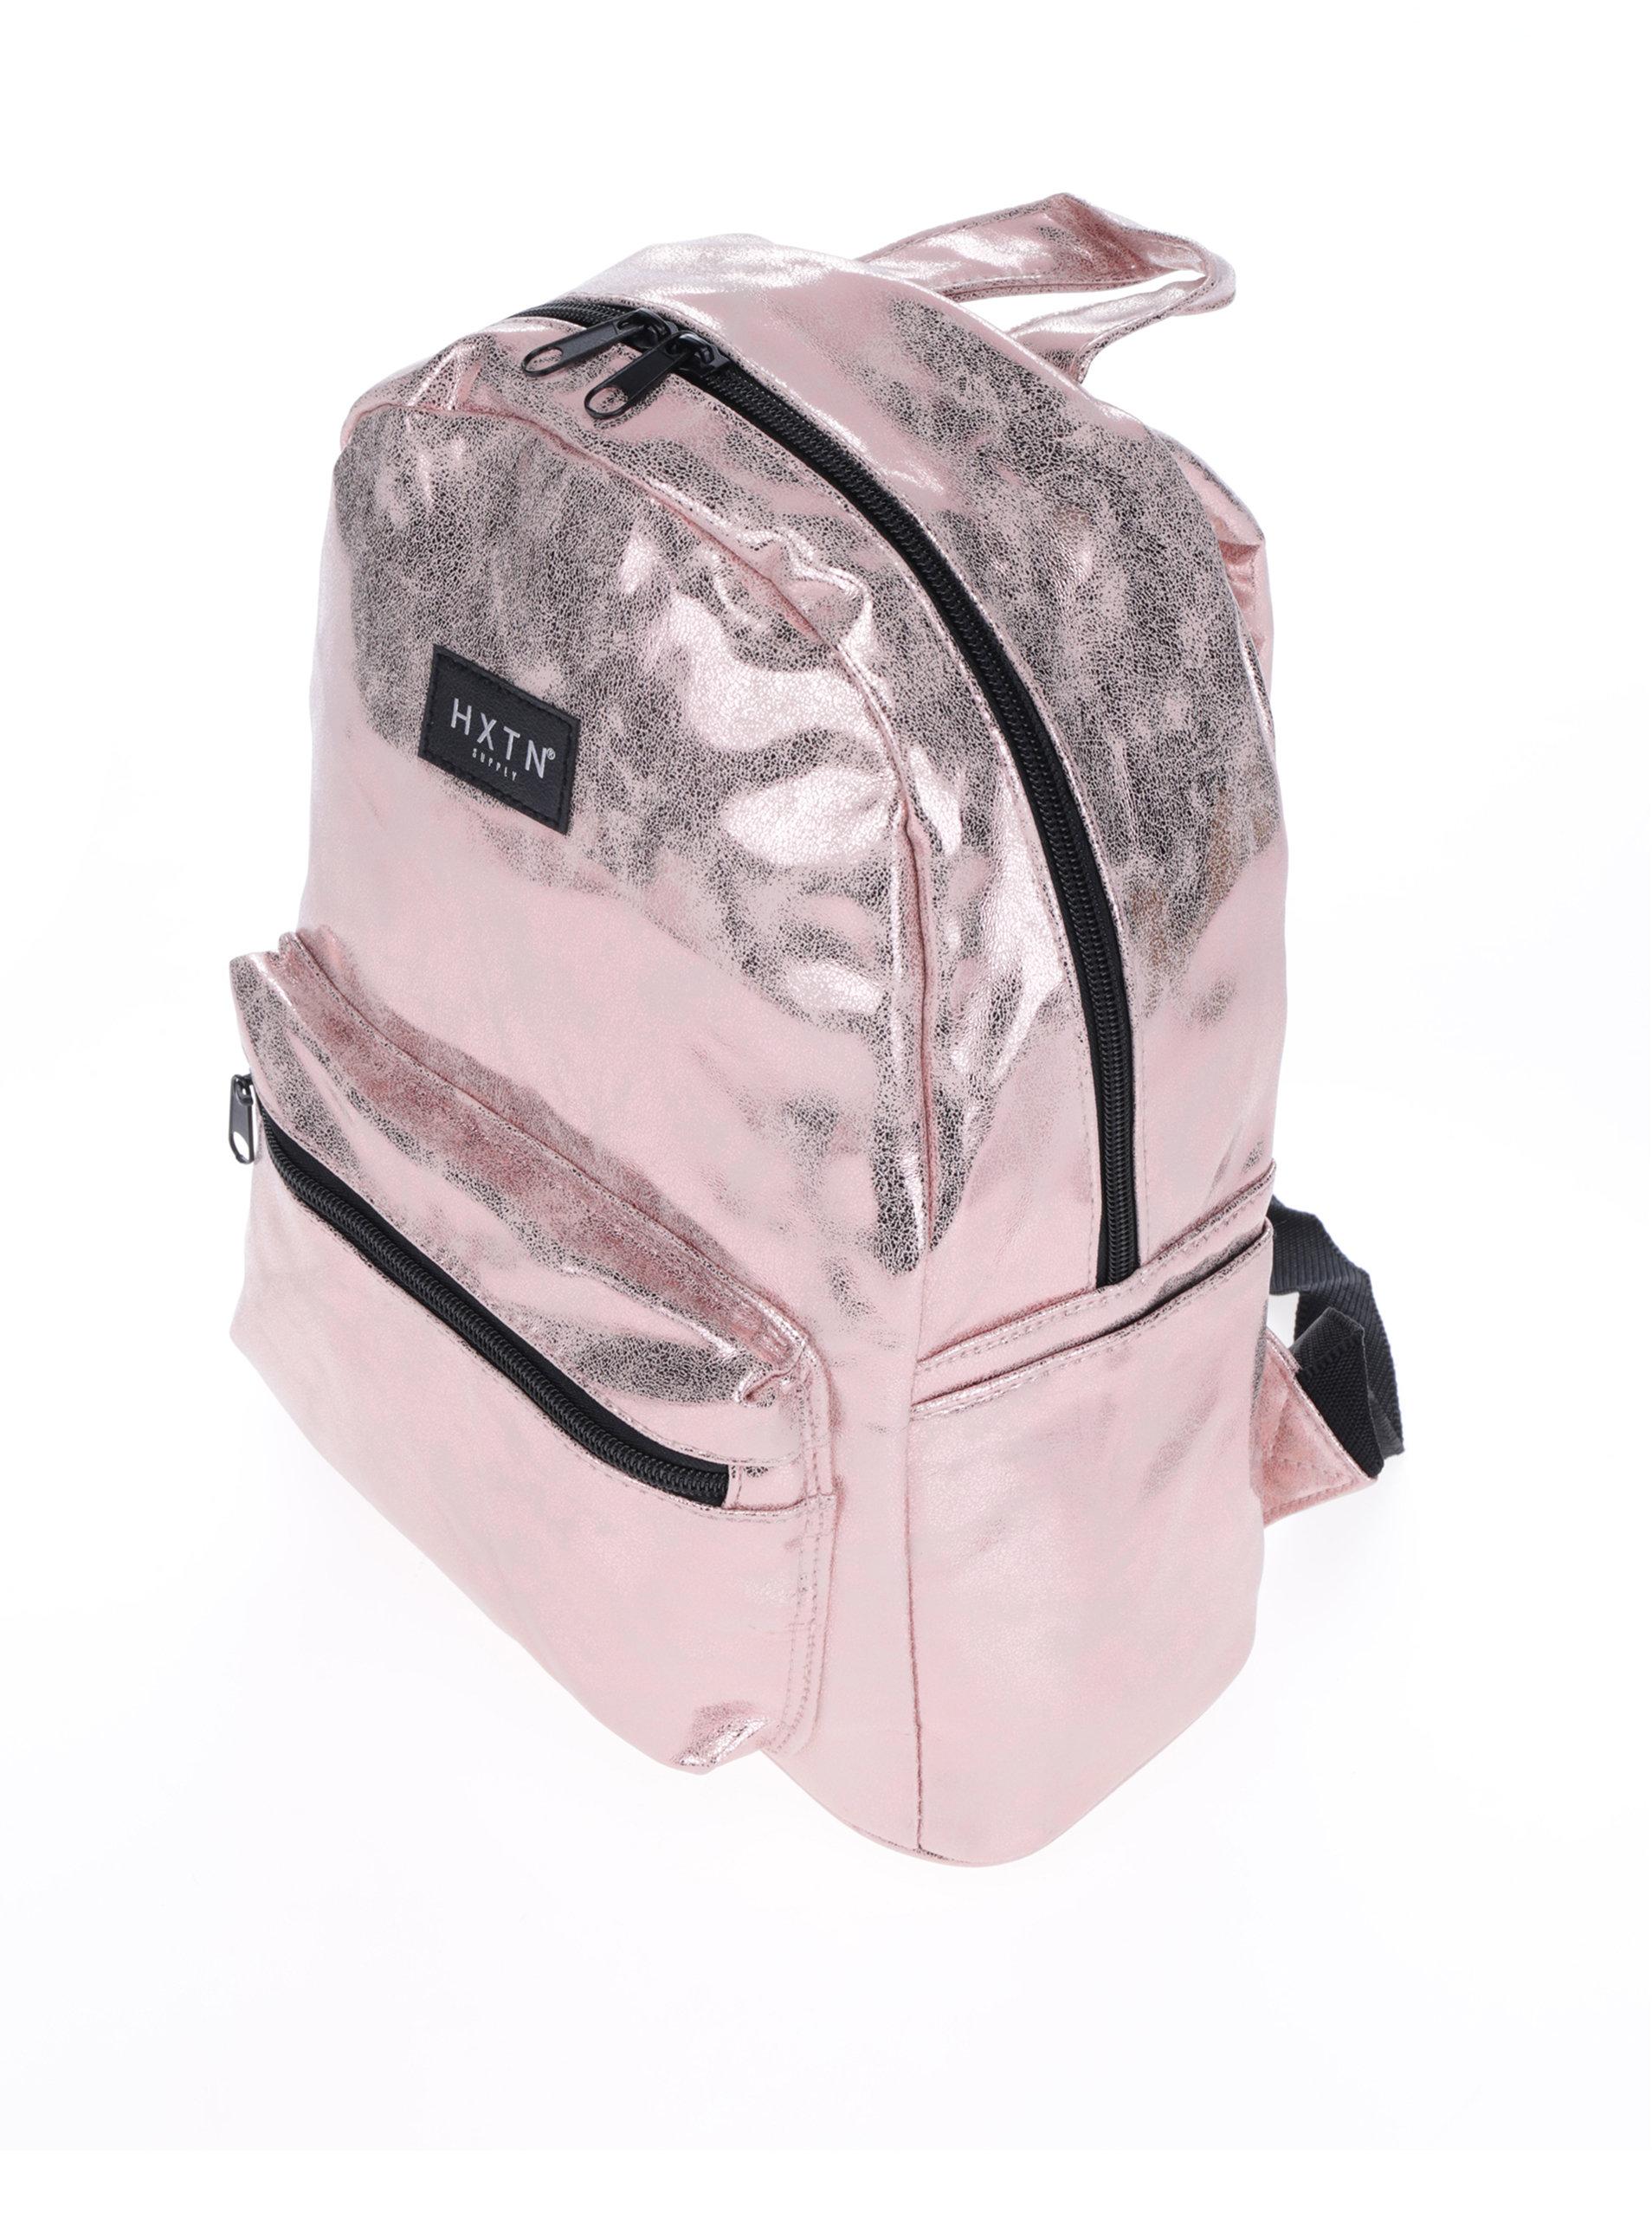 89fdefcfc3 Světle růžový metalický batoh HXTN supply 12 l ...